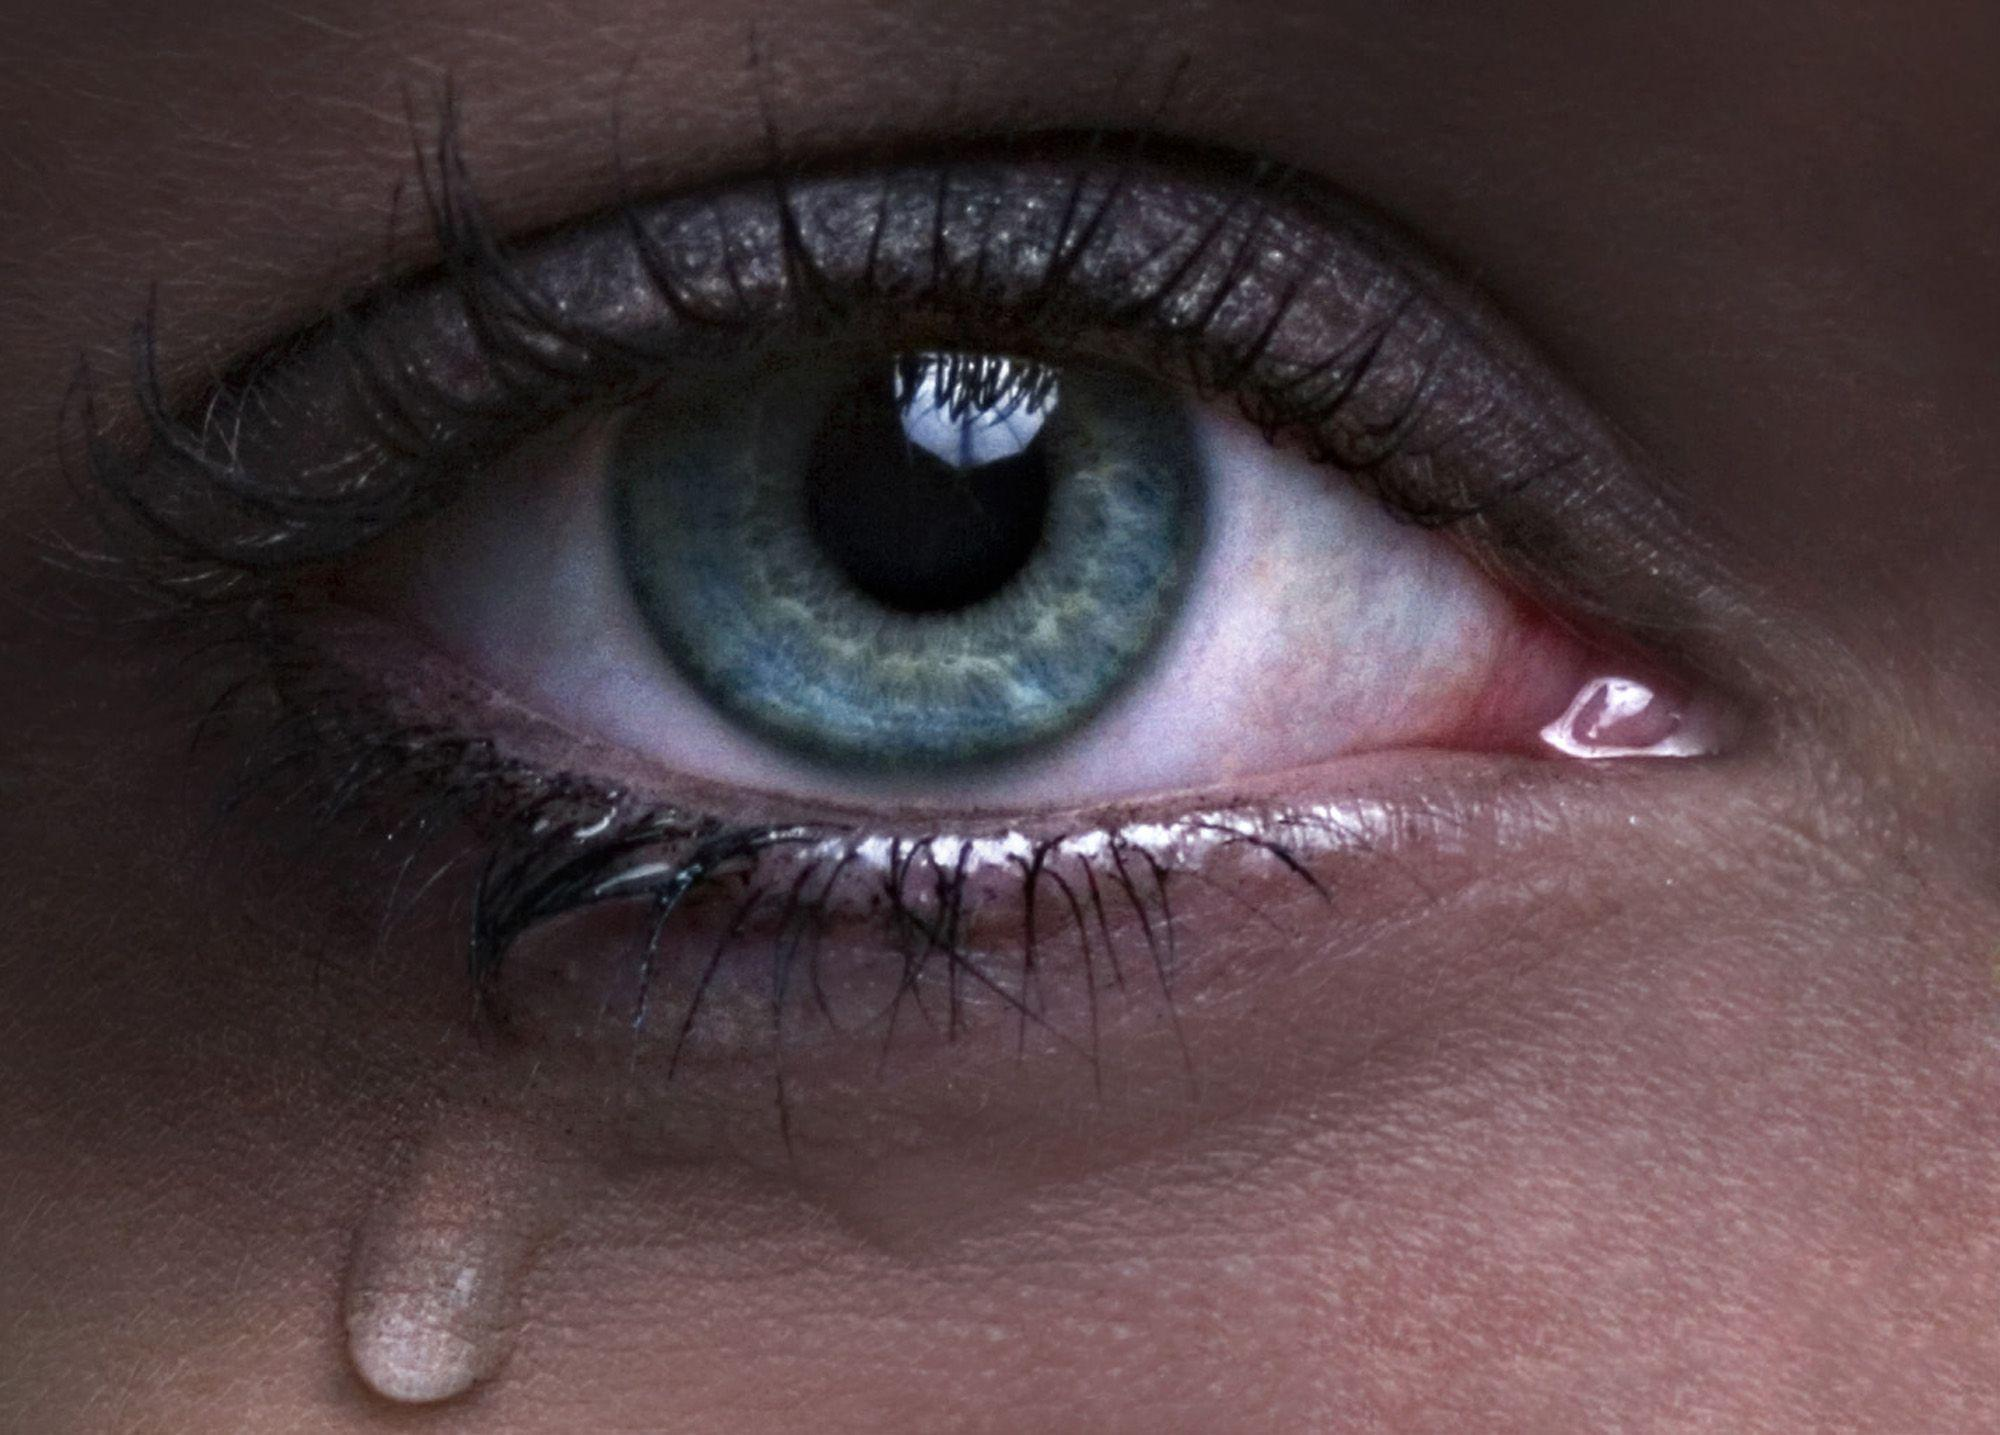 بالصور صور عيون تبكي , البكاء احدى لغات العيون 2052 2